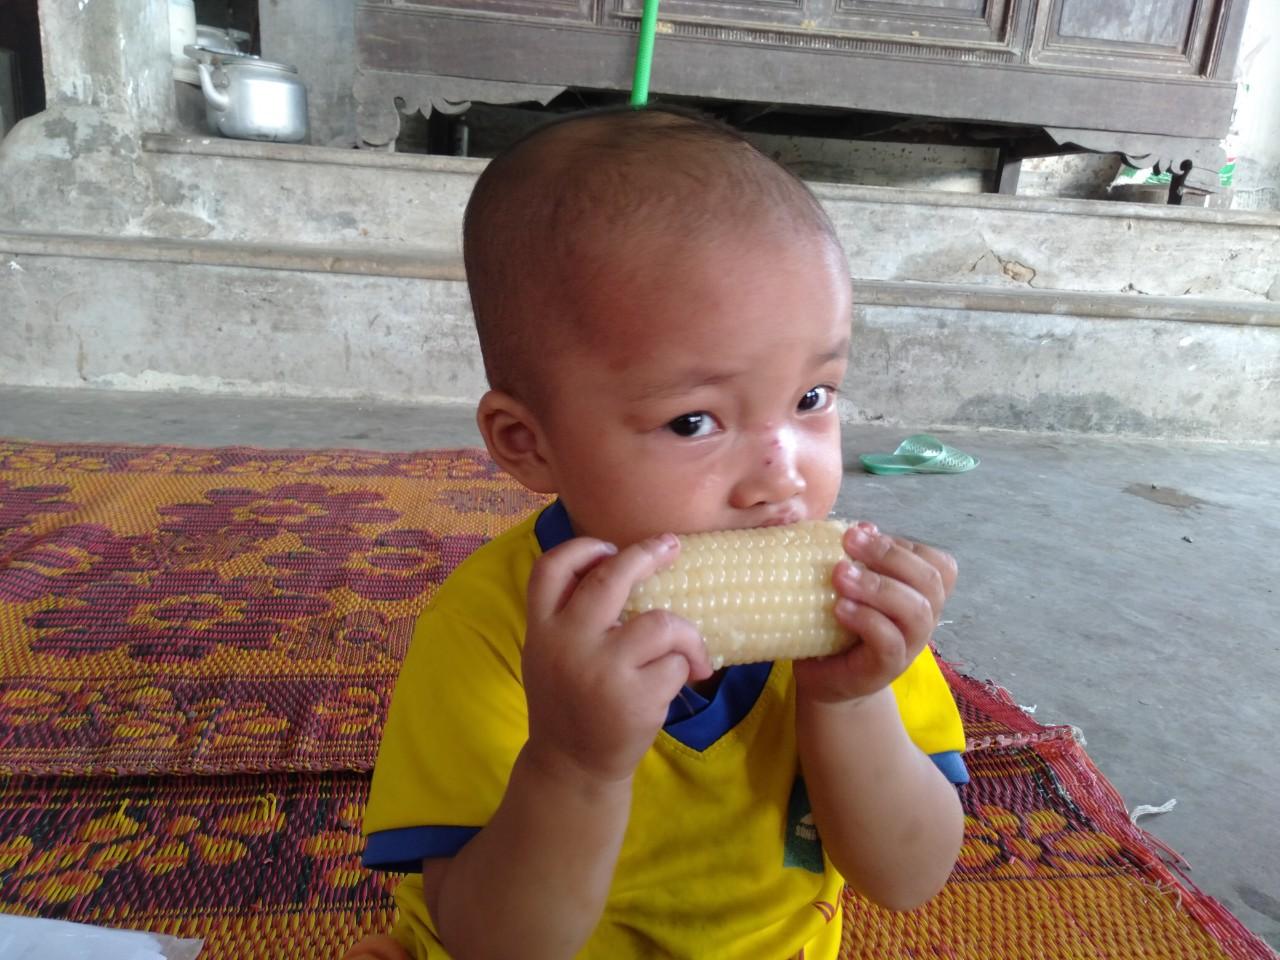 Không cam chịu con gái 3 tuổi chết mòn vì bệnh tật, vợ chồng nghèo sang Lào nhặt phế liệu kiếm tiền chữa bệnh cho con - Ảnh 9.